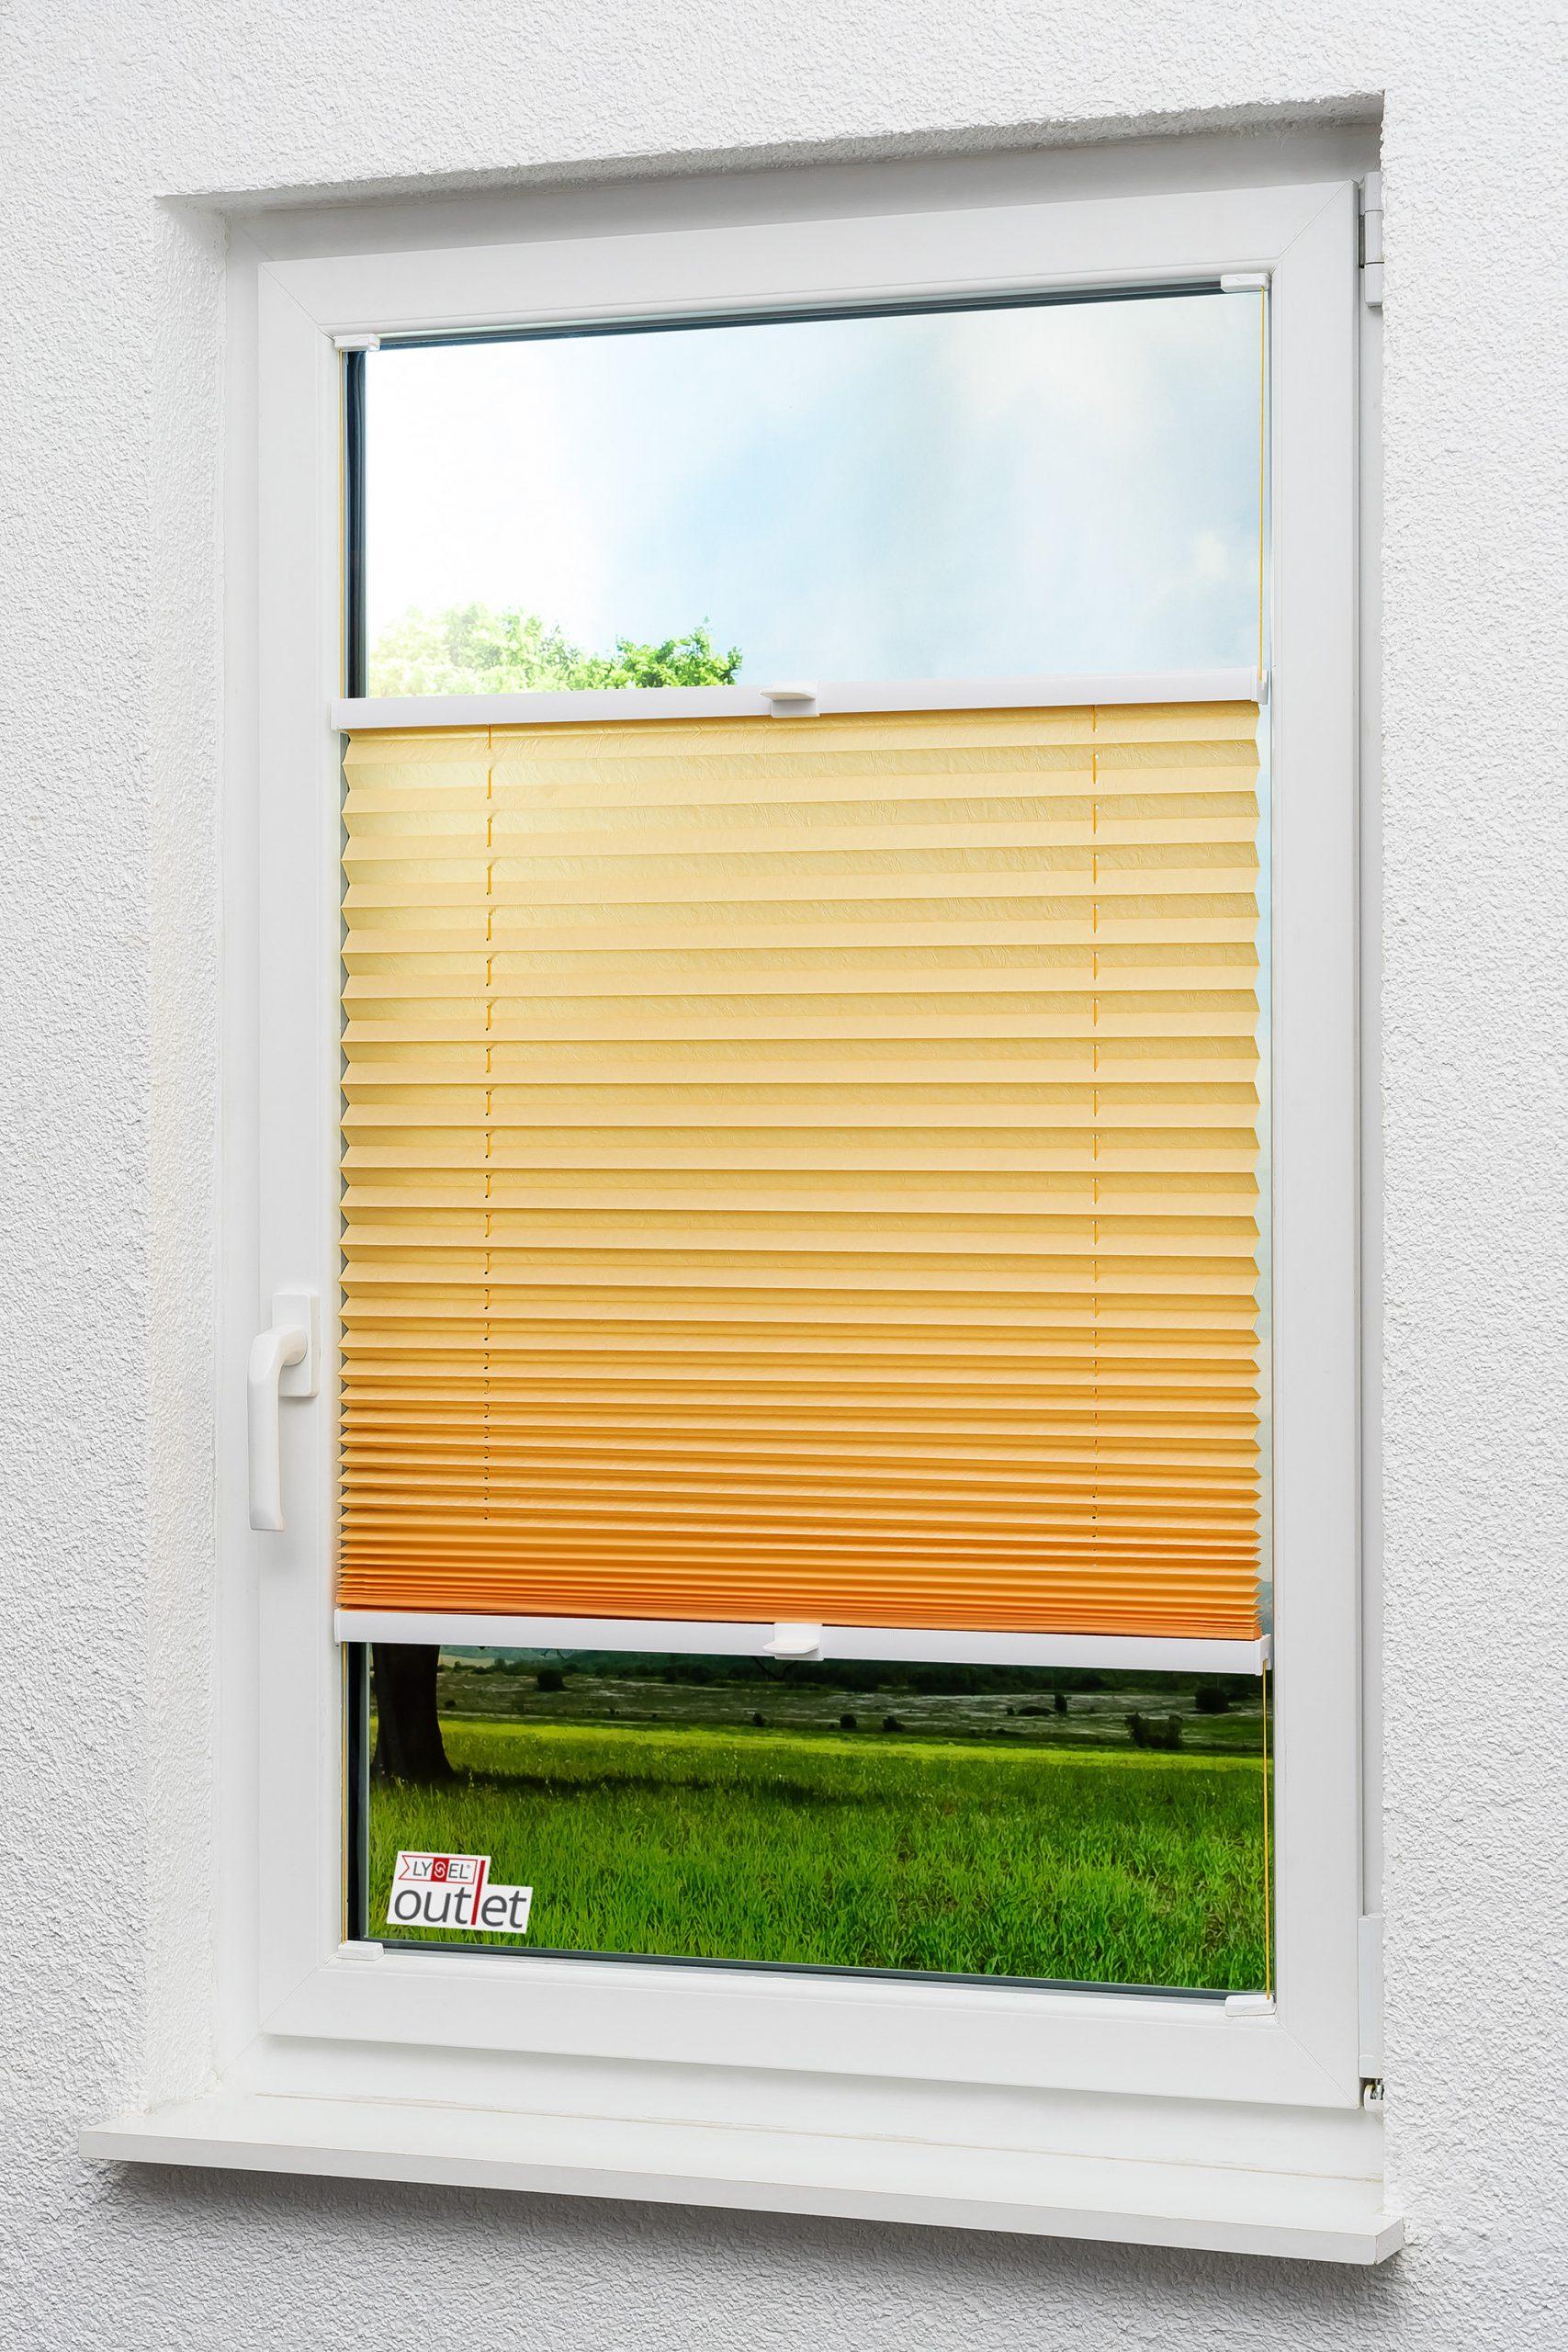 Full Size of Plissee Fenster Ohne Bohren Klemmen Zum Amazon Ins Ausmessen Ikea Montage Im Glasfalz Plissees Montageanleitung Lysel Outlet Crush Faltrollo Sichtschutz Fenster Plissee Fenster